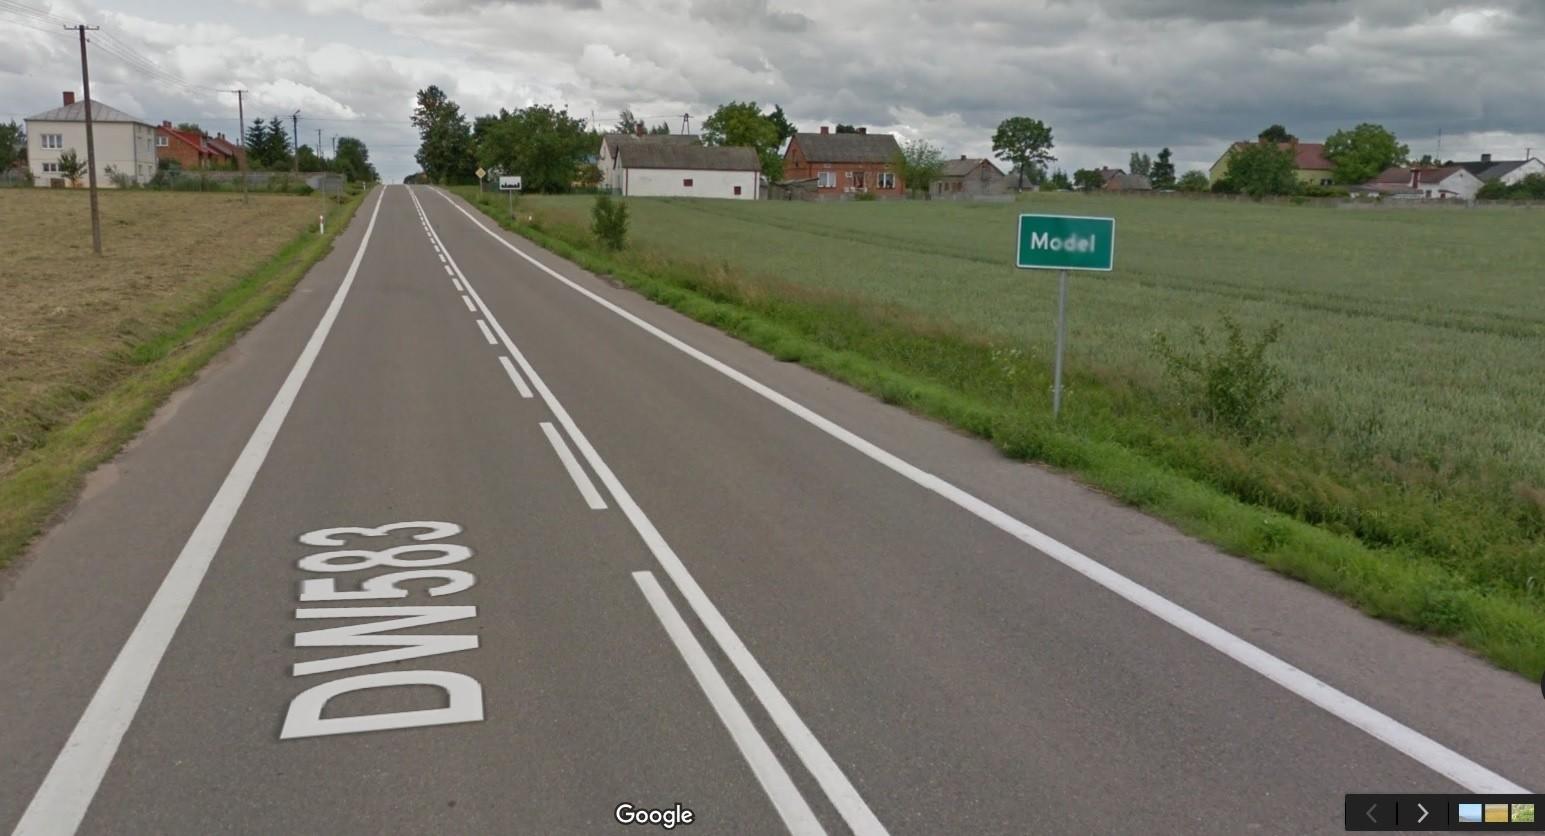 google maps with 40 Najsmieszniejszych Nazw Miejsc I Miejscowosci W Polsce Zdjecia Mapy 11909374 23115748 on 70493227 furthermore Details as well Details also 95147311 additionally Details.